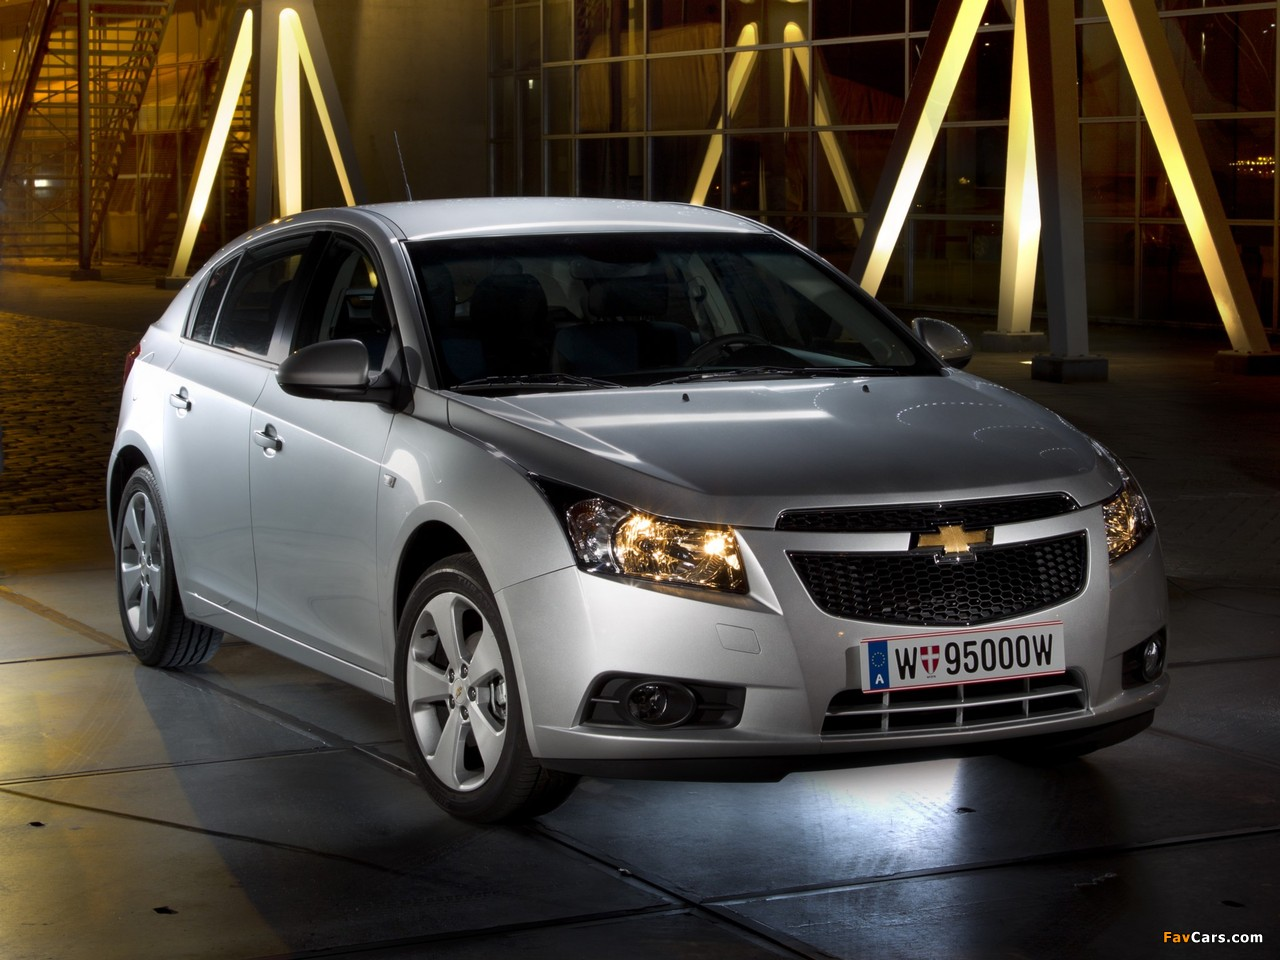 Chevrolet Cruze Hatchback (J300) 2011–12 images (1280 x 960)